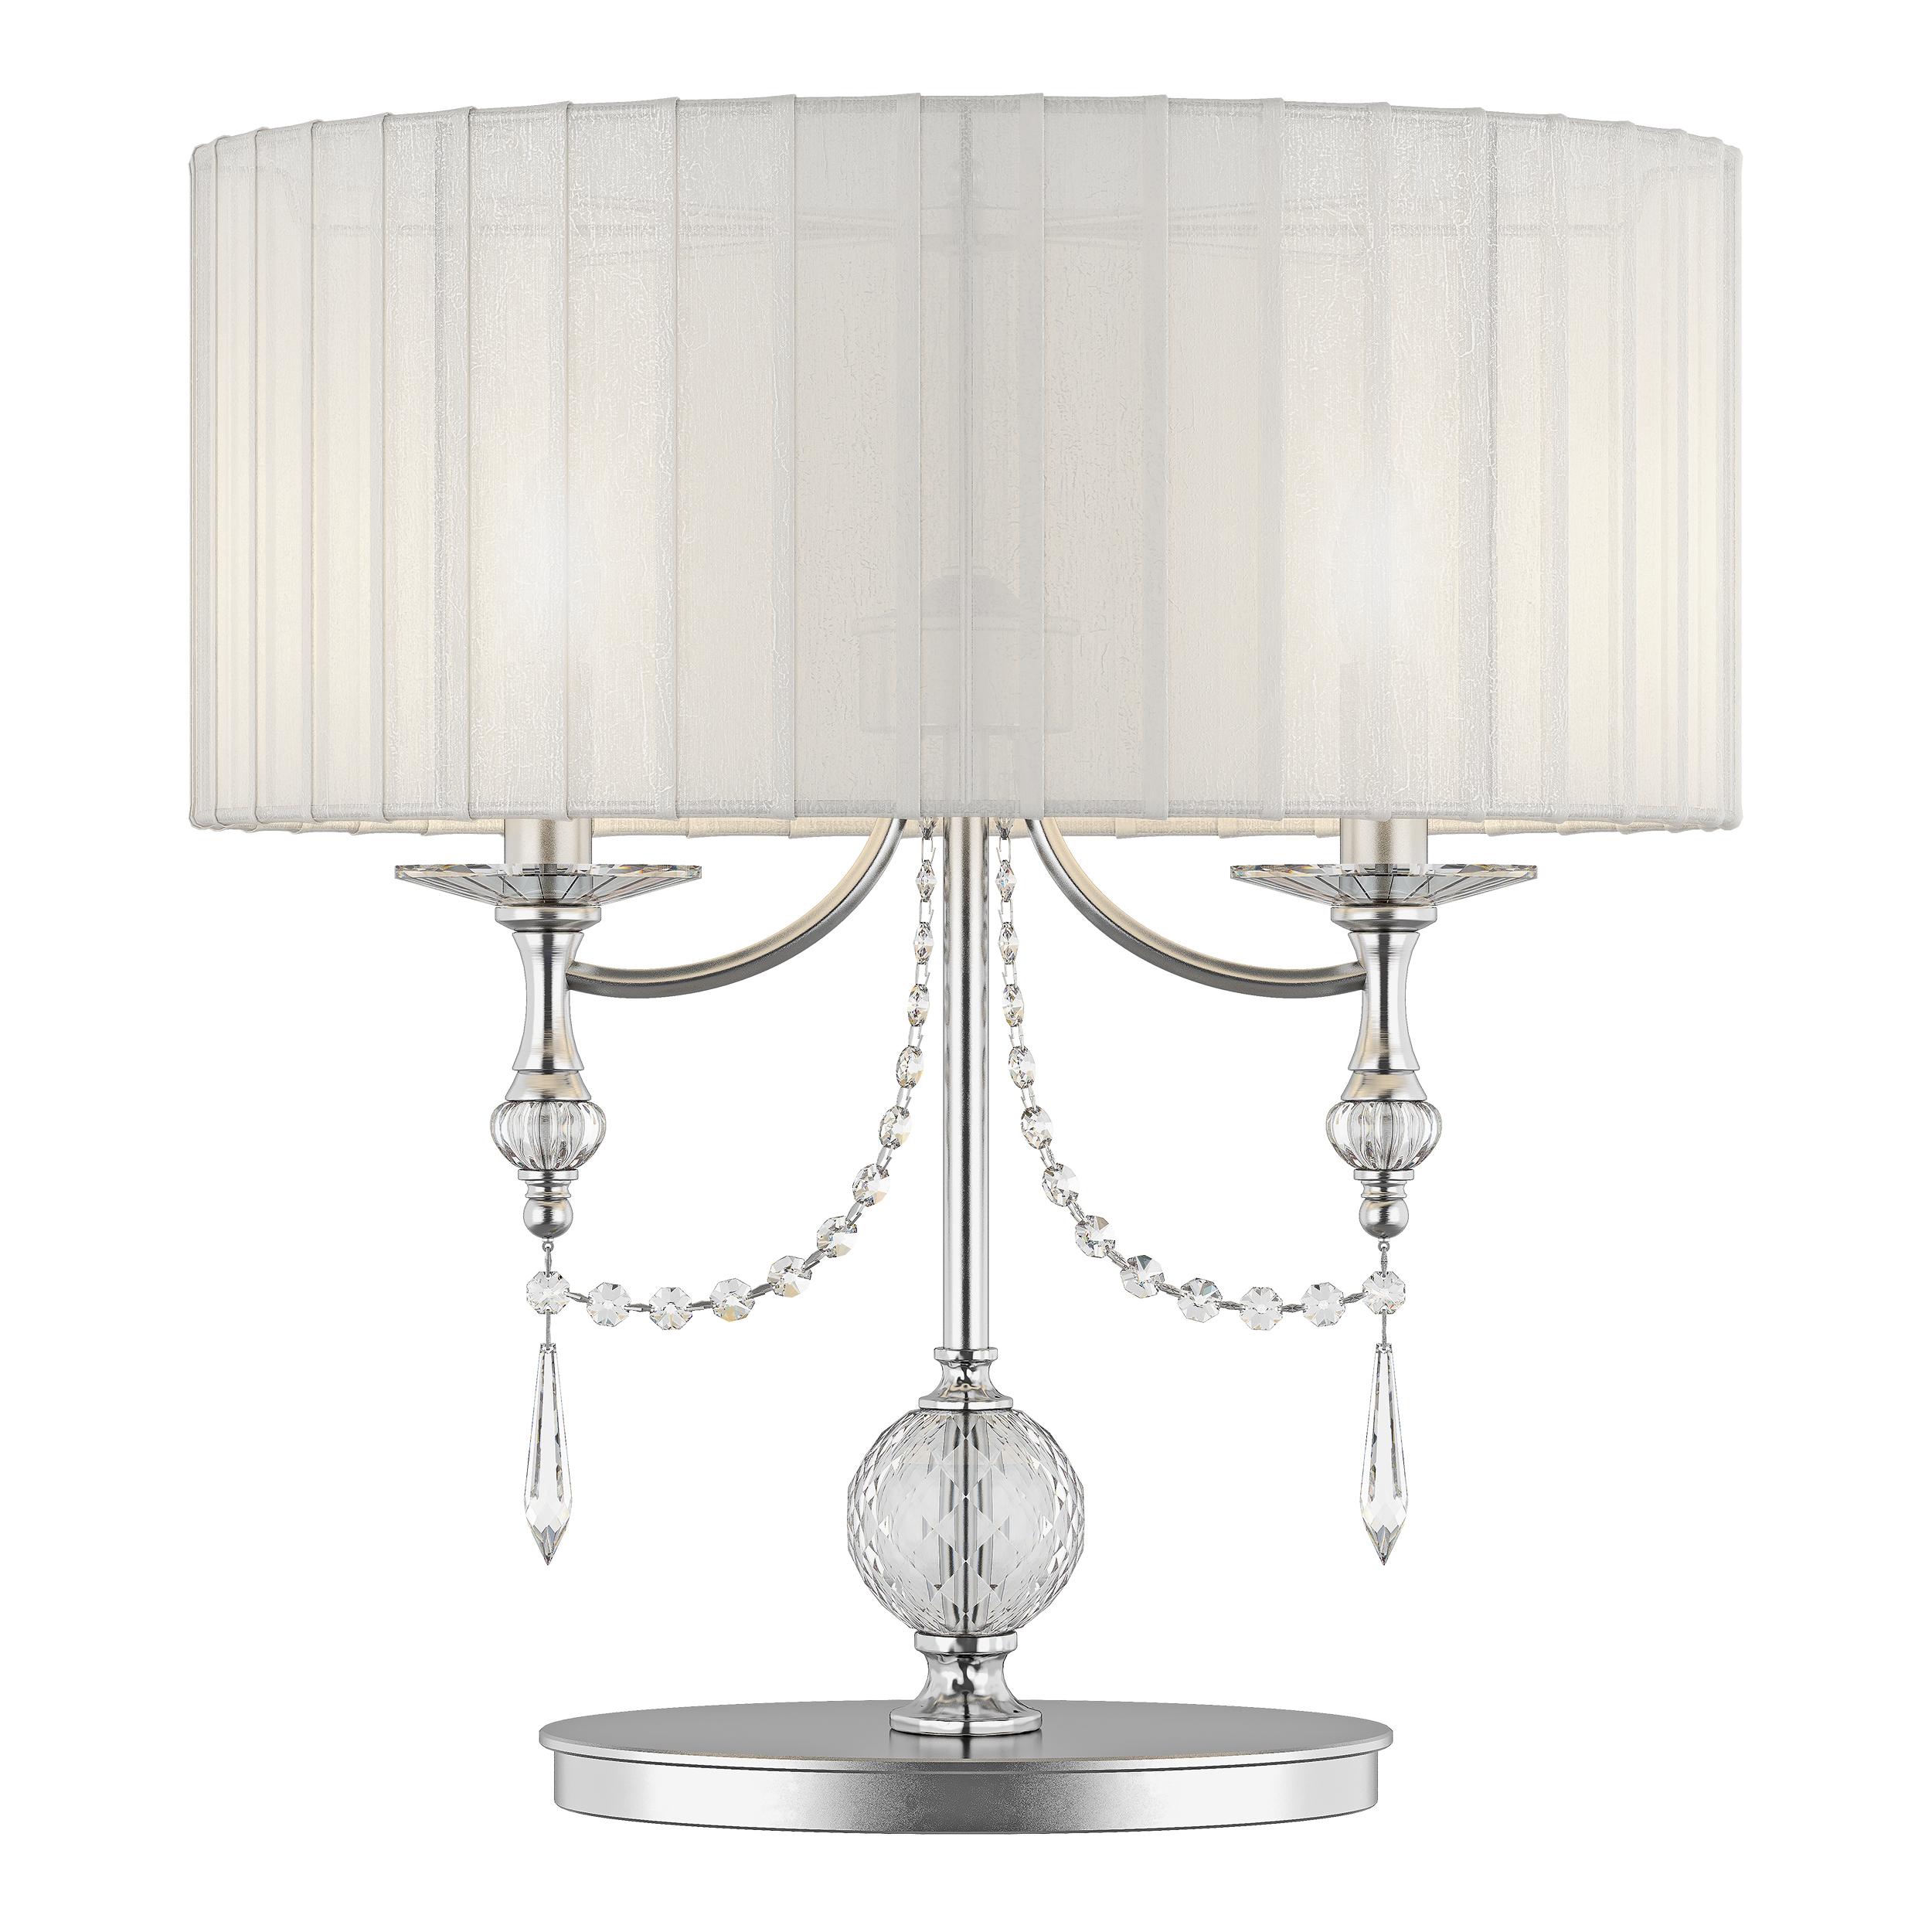 Настольная лампа Lightstar Paralume 725926, 2xE14x40W, прозрачный, хром, белый, металл, хрусталь, текстиль - фото 1